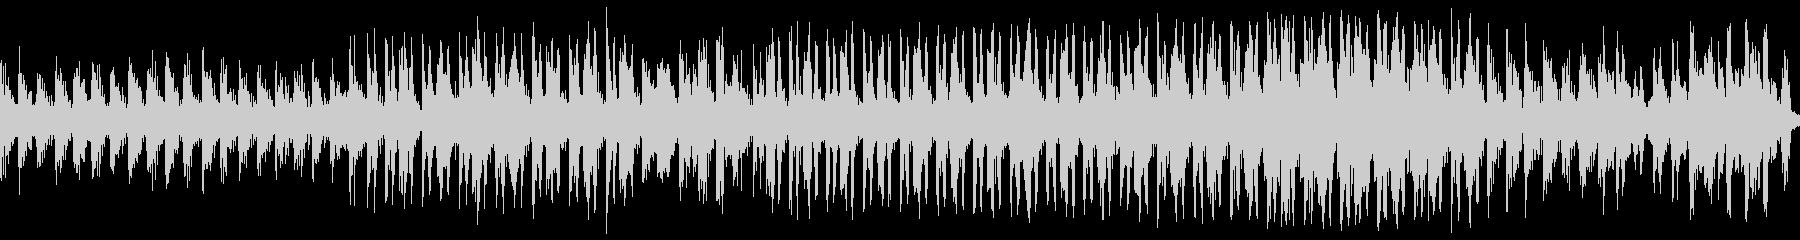 暗いアンビエント、ホラーアンダース...の未再生の波形